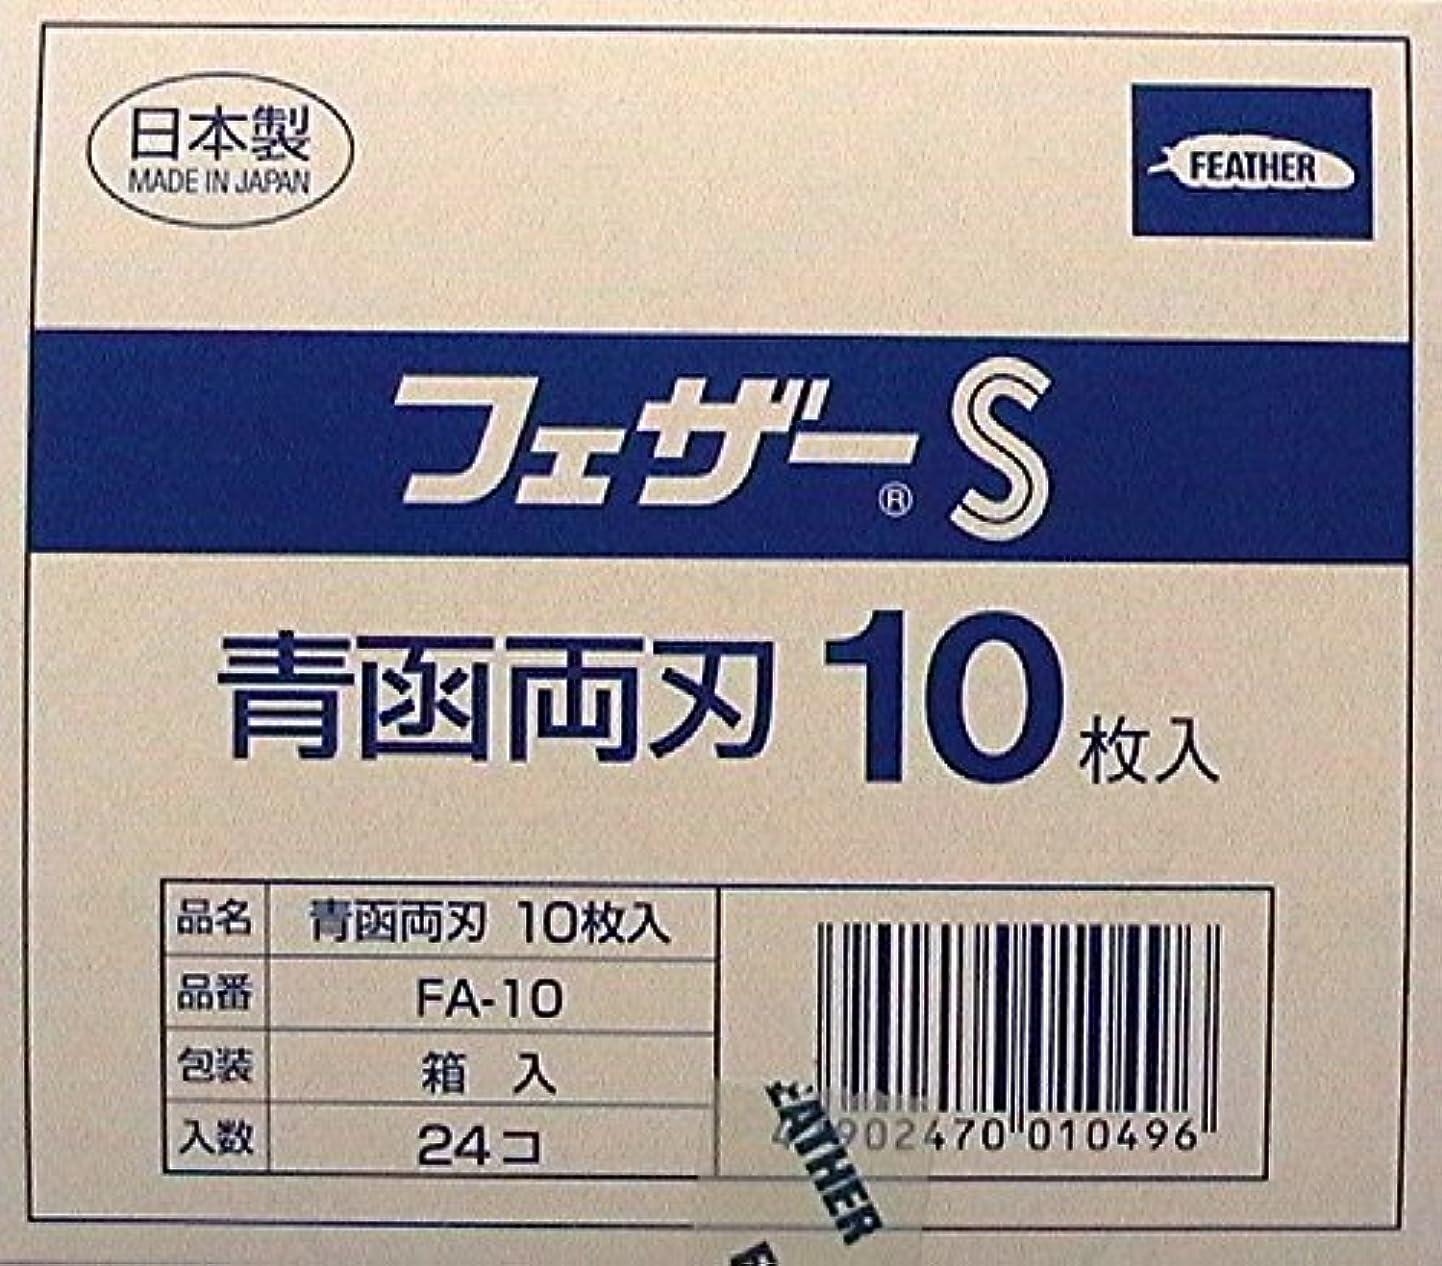 医療過誤送ったギャラントリーフェザーS 青函両刃FA-10 箱入り 10枚入り×24箱(240枚入り)